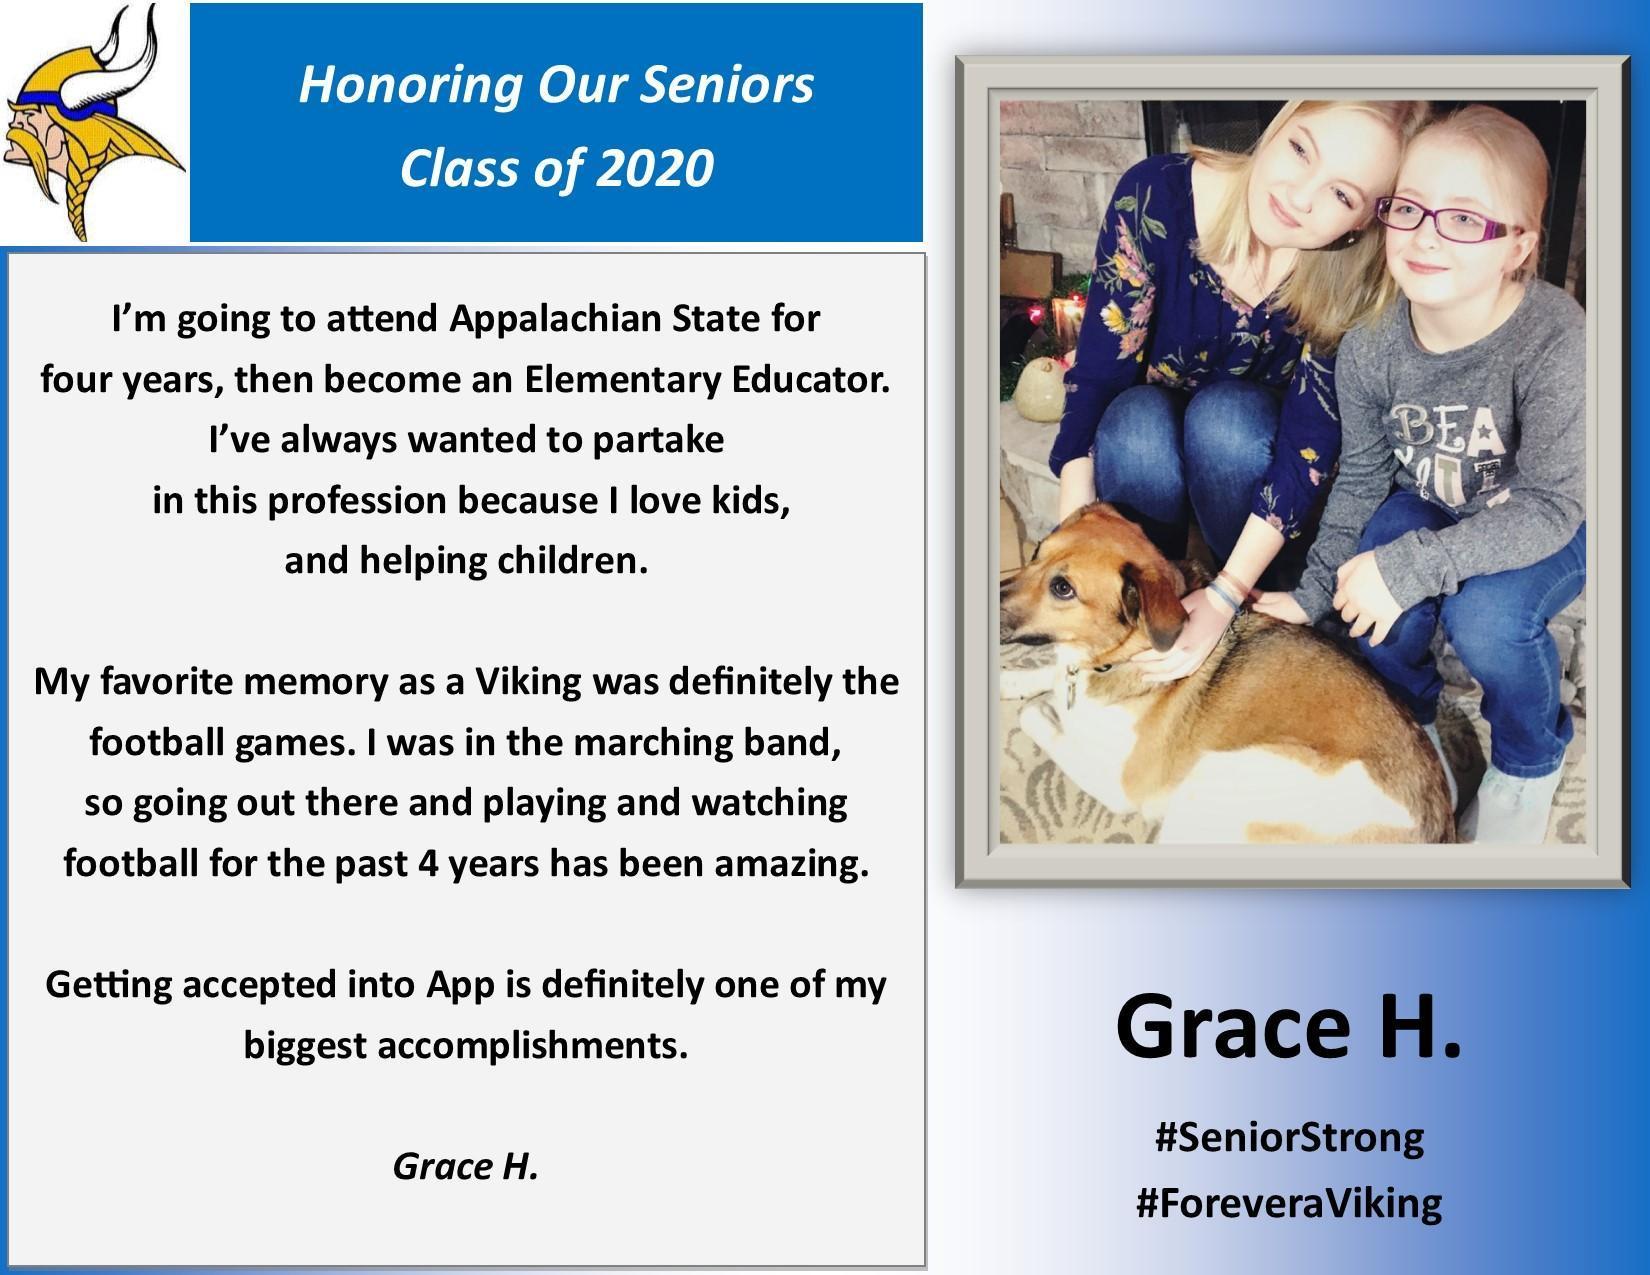 Grace H